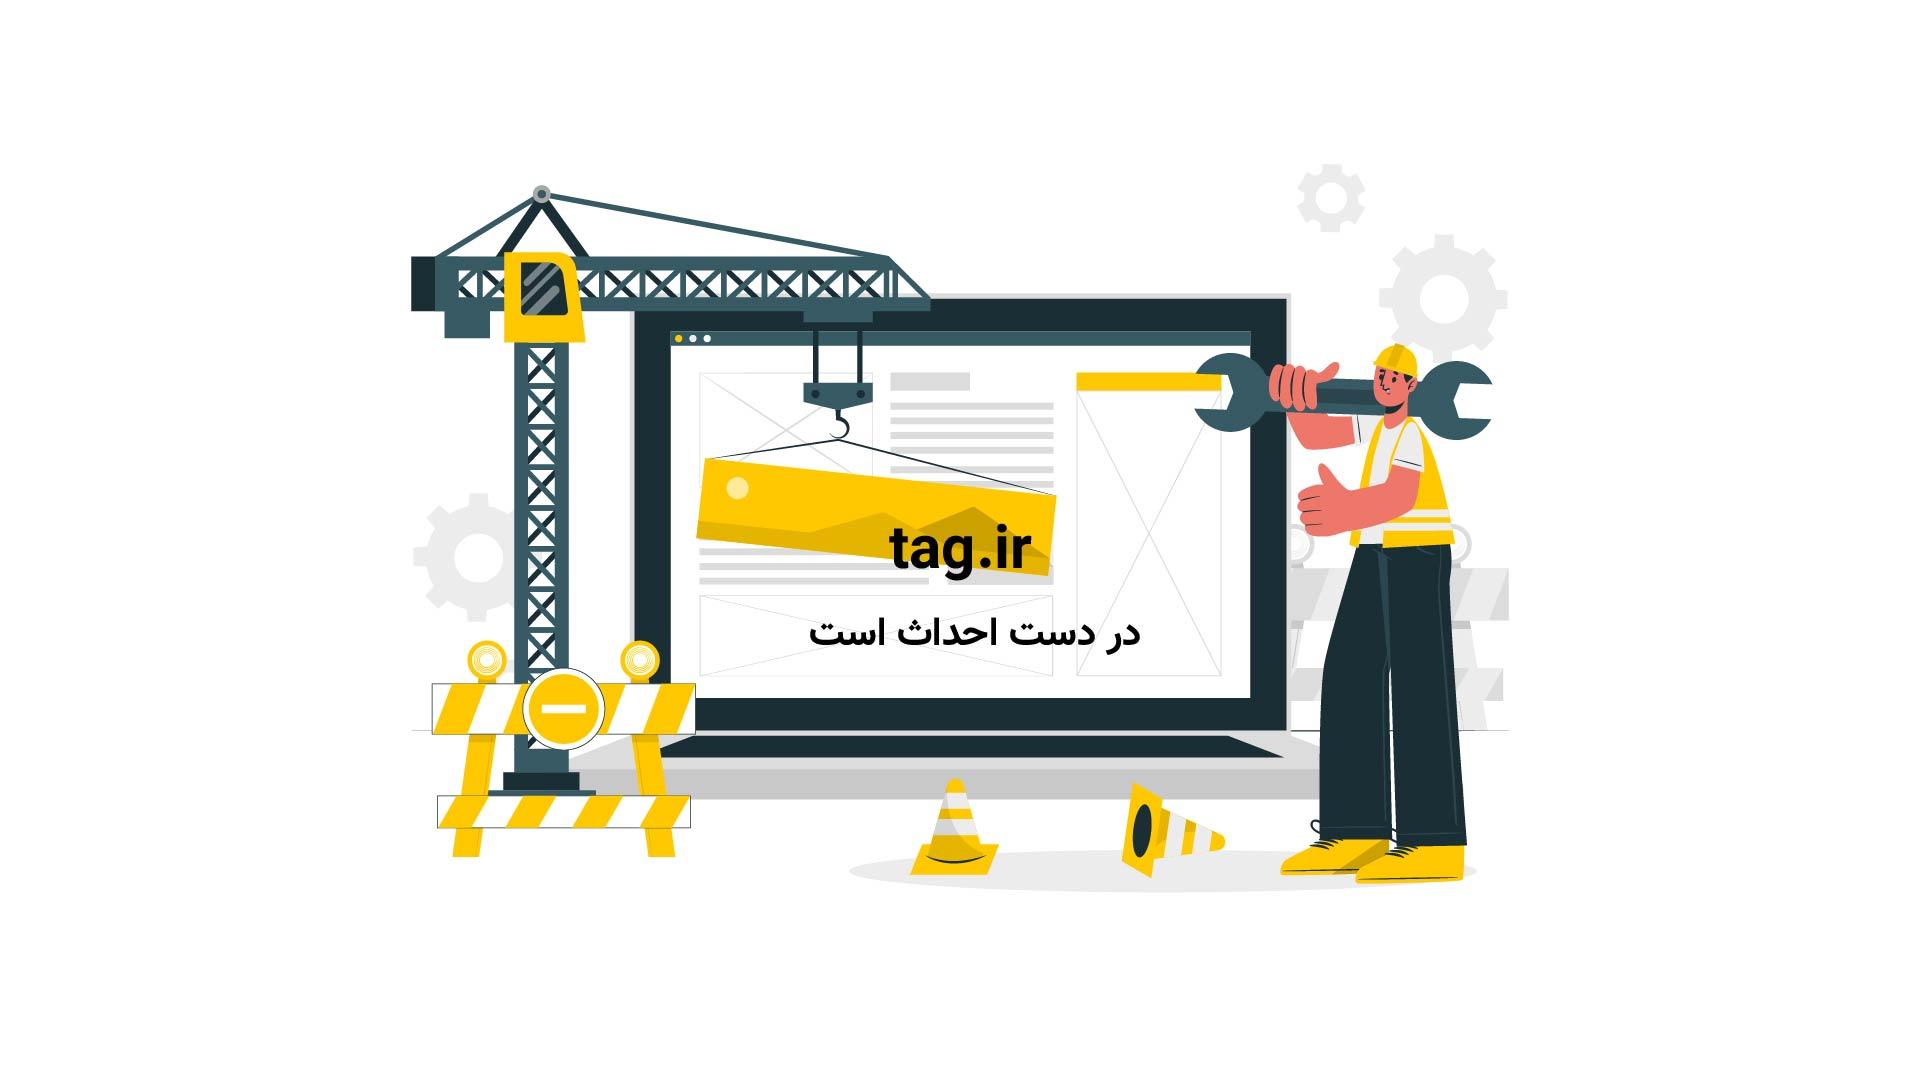 برادران ماپوهو؛ شیرهای نر درنده سلاطین آفریقا | فیلم